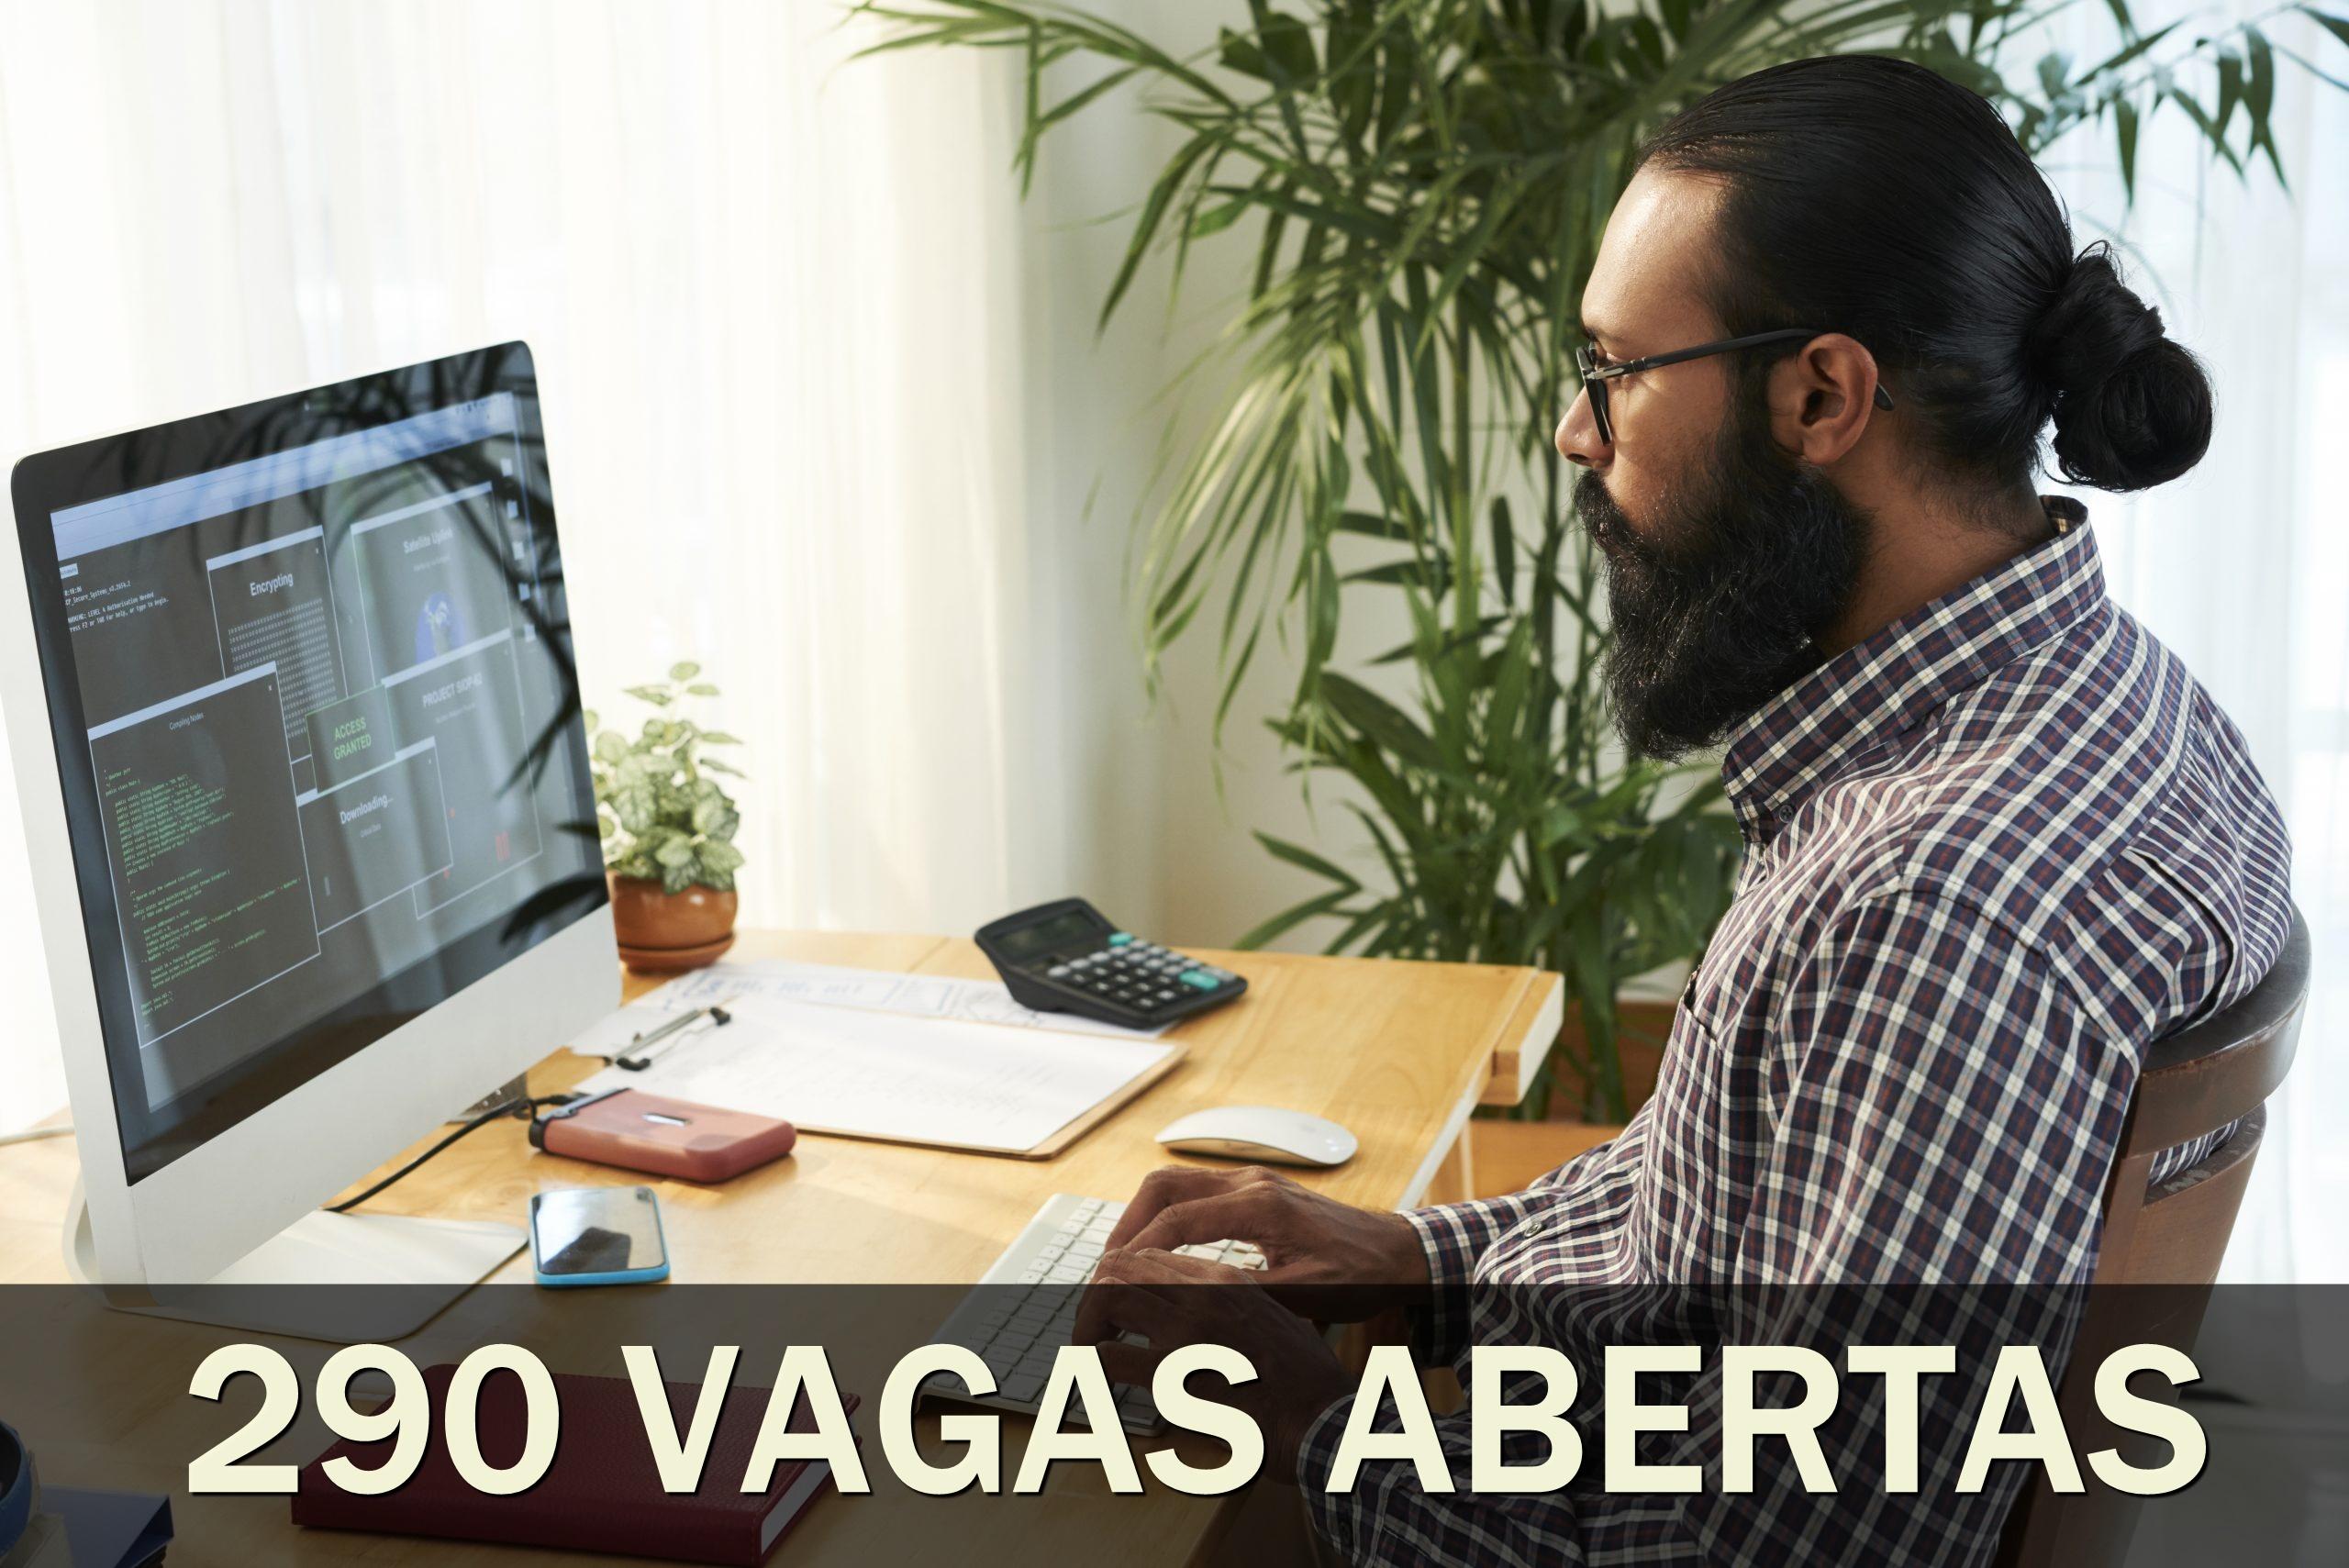 vagas - home office - emprego - técnico - sem experiência - estágio - mg - tecnologia - TI